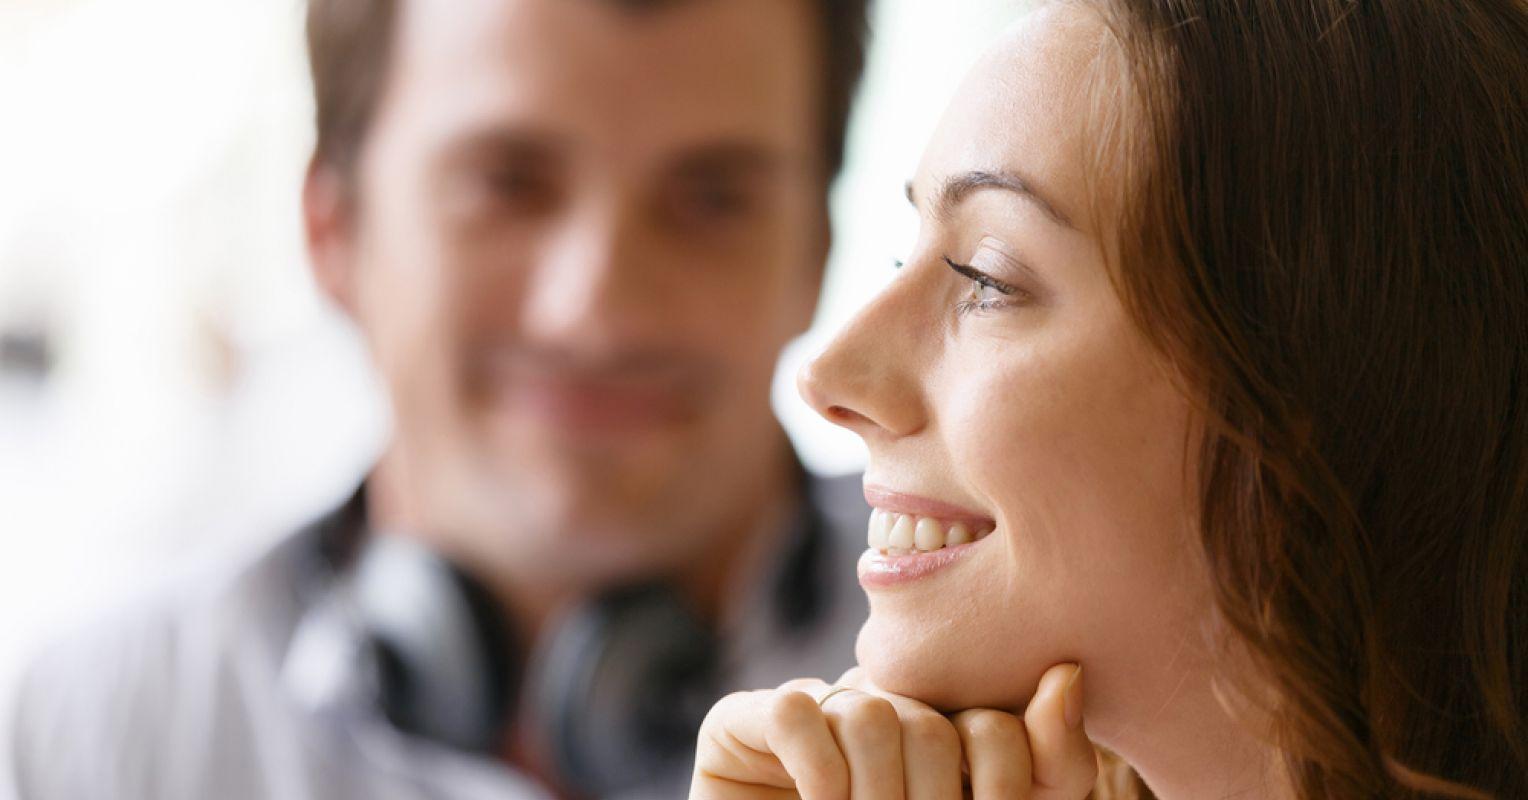 Attraction in relationships sexual Understanding Your